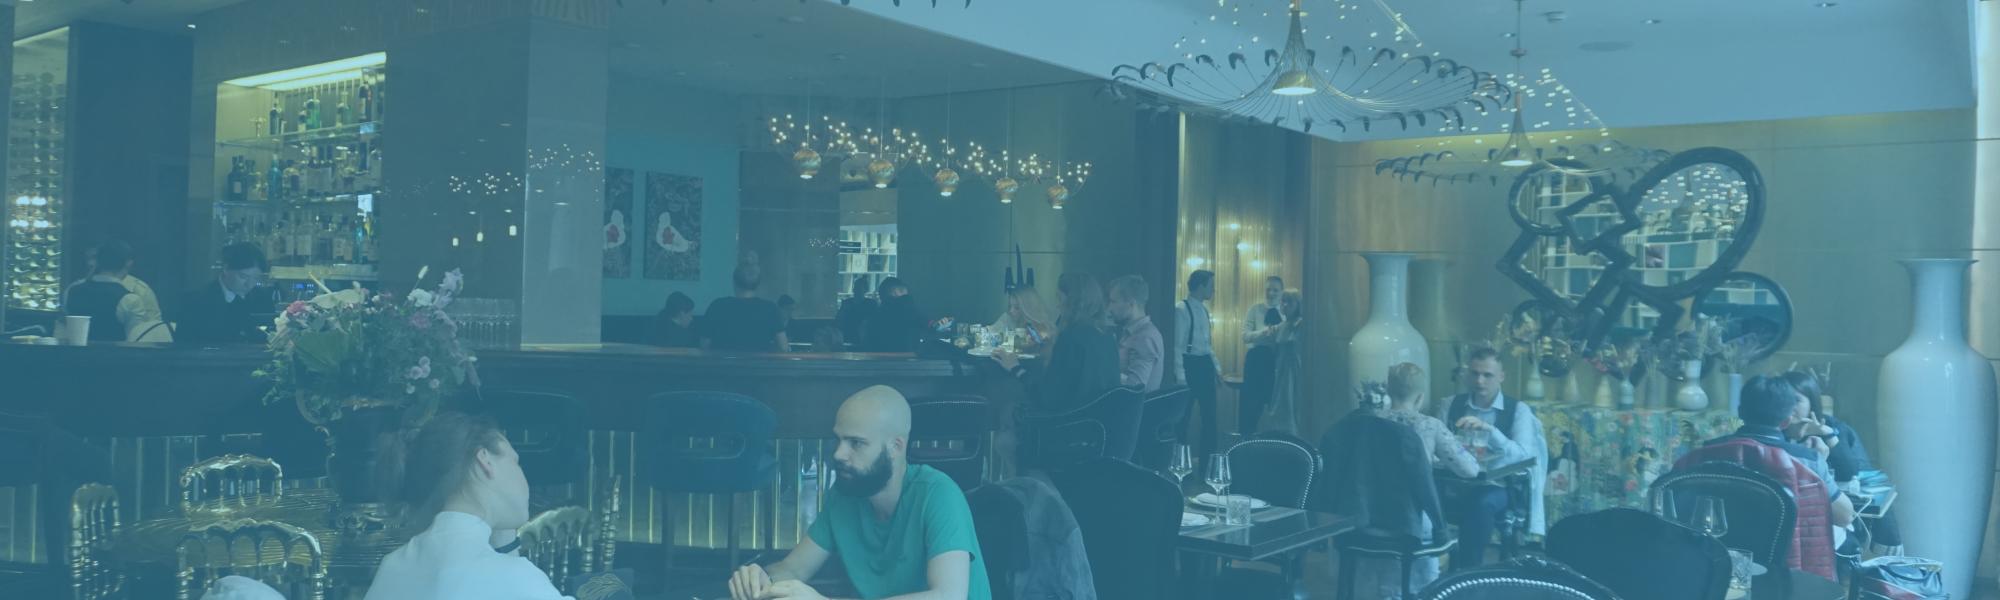 Dónde comer en san petersburgo ideas de comida y cafés